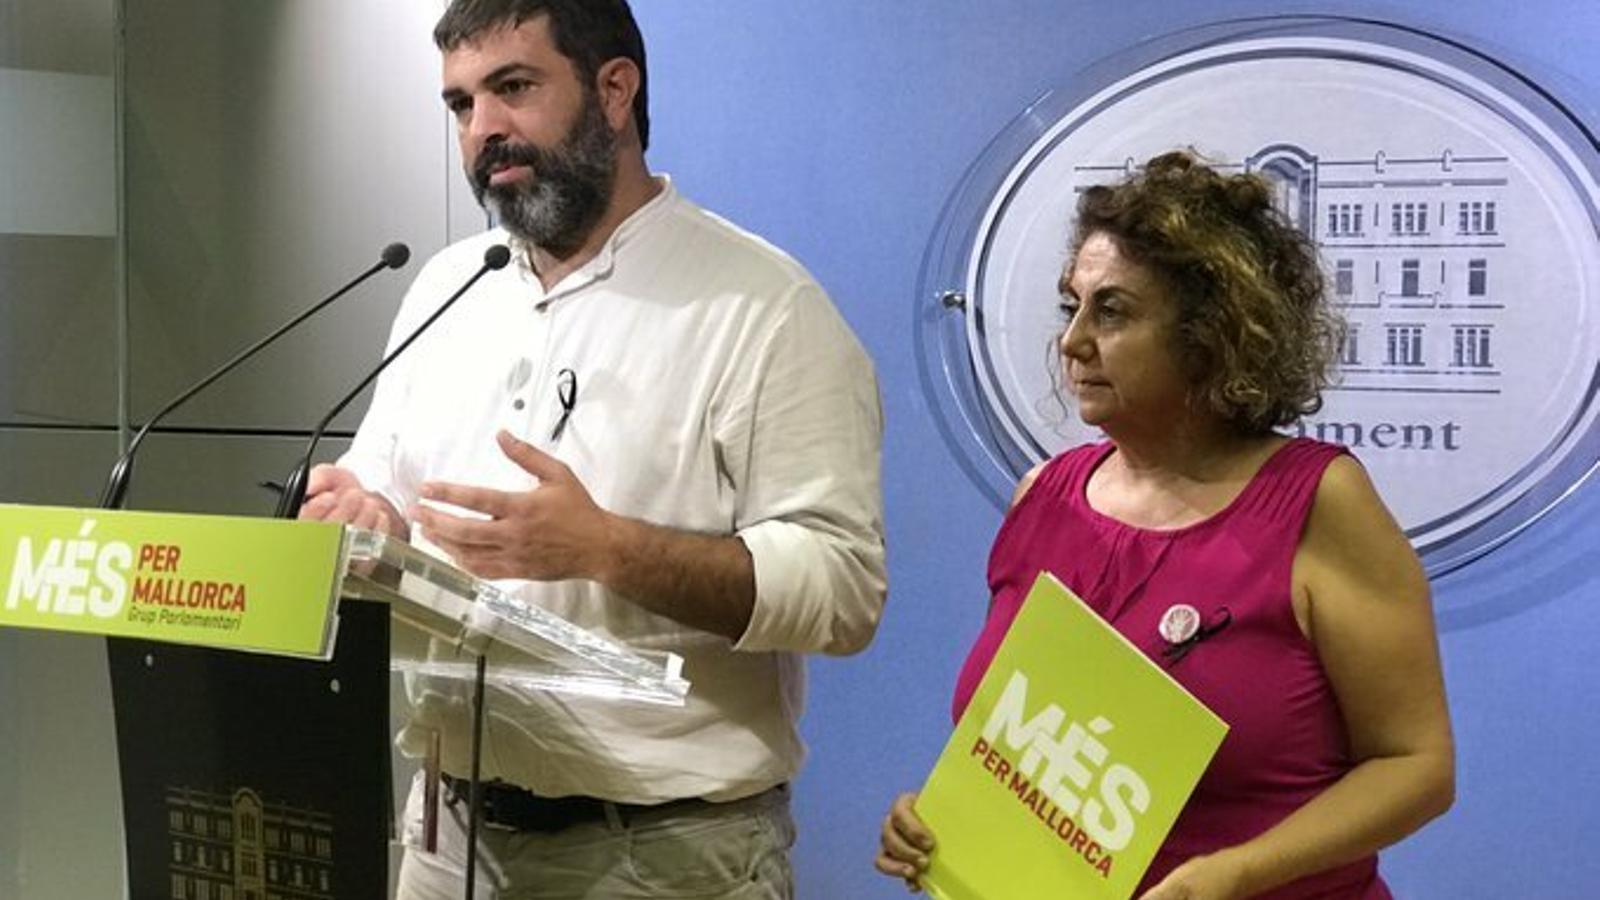 Els diputats de MÉS per Mallorca Josep Ferrà i Joana Aina Campomar